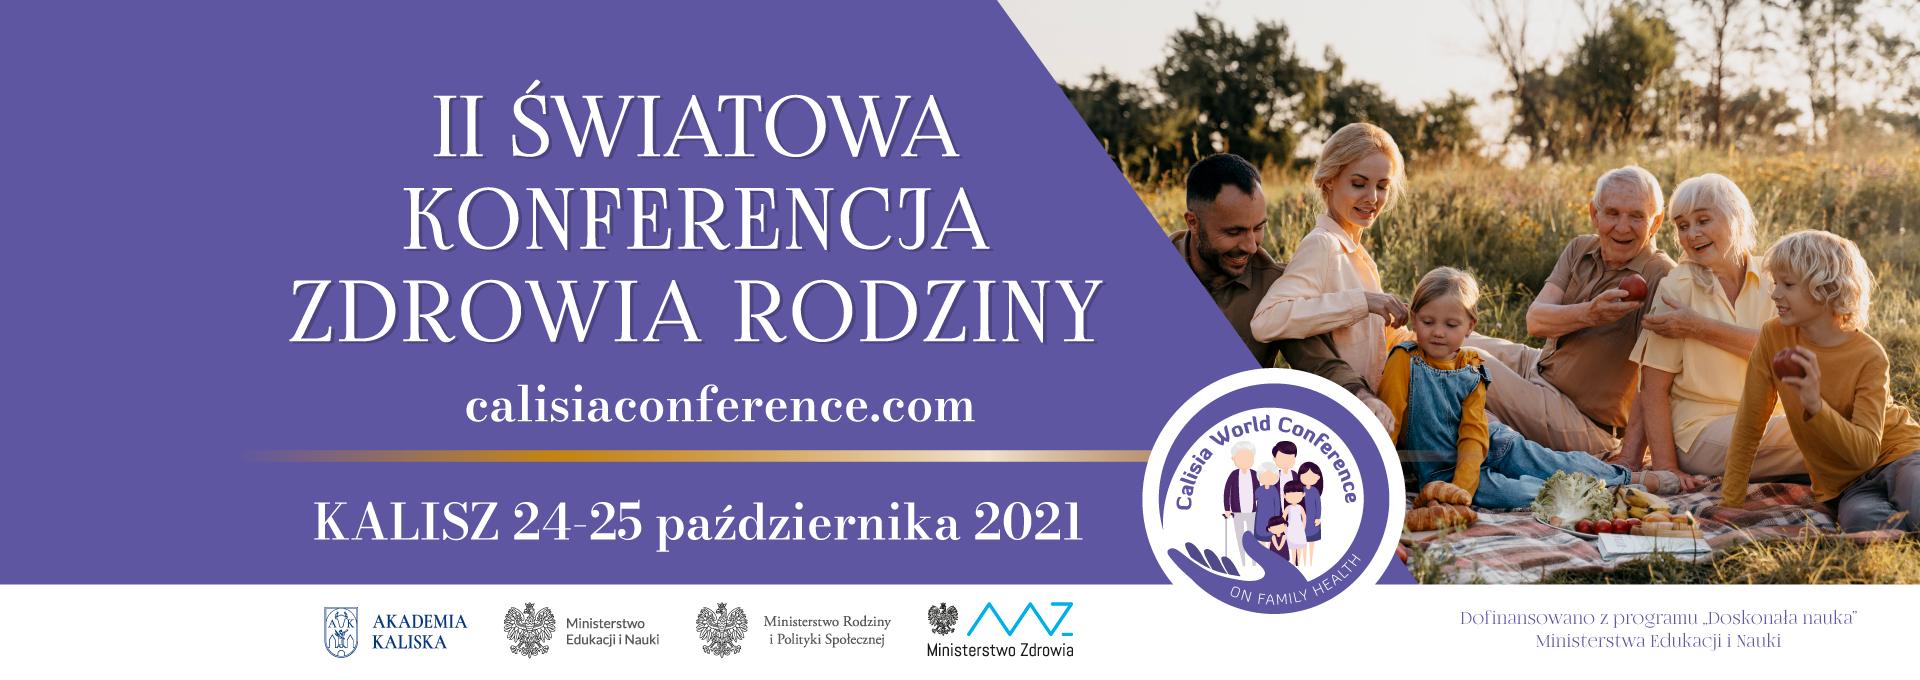 baner II światowa konferencja zdrowia i rodziny